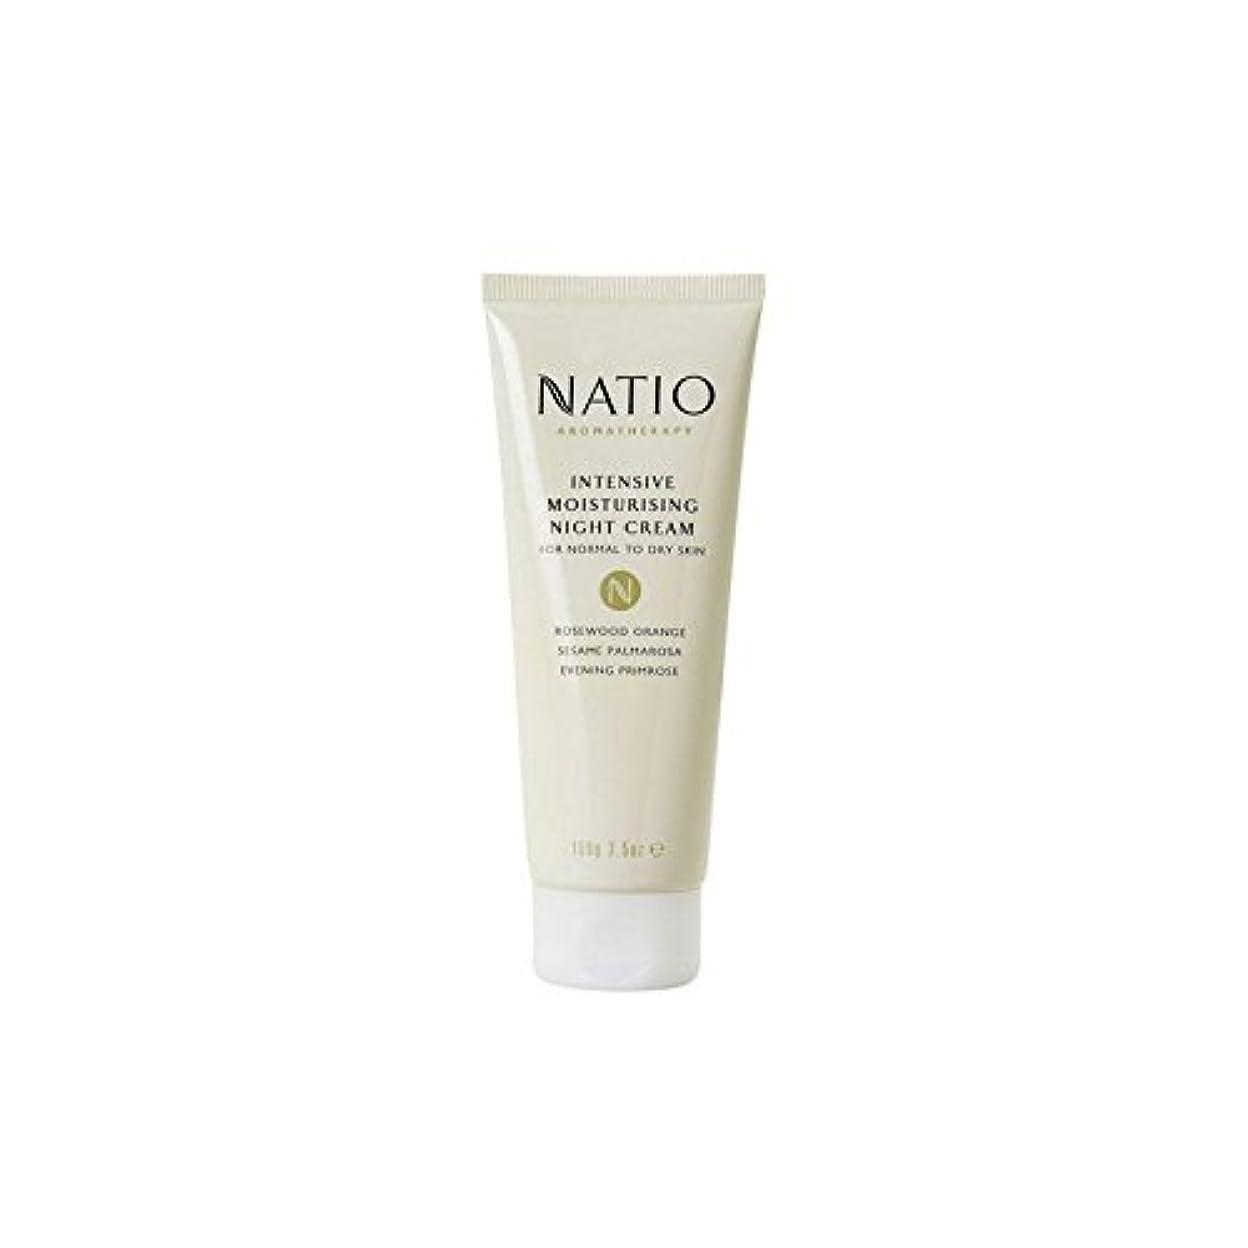 運賃本質的に言う集中的な保湿ナイトクリーム(100グラム) x2 - Natio Intensive Moisturising Night Cream (100G) (Pack of 2) [並行輸入品]